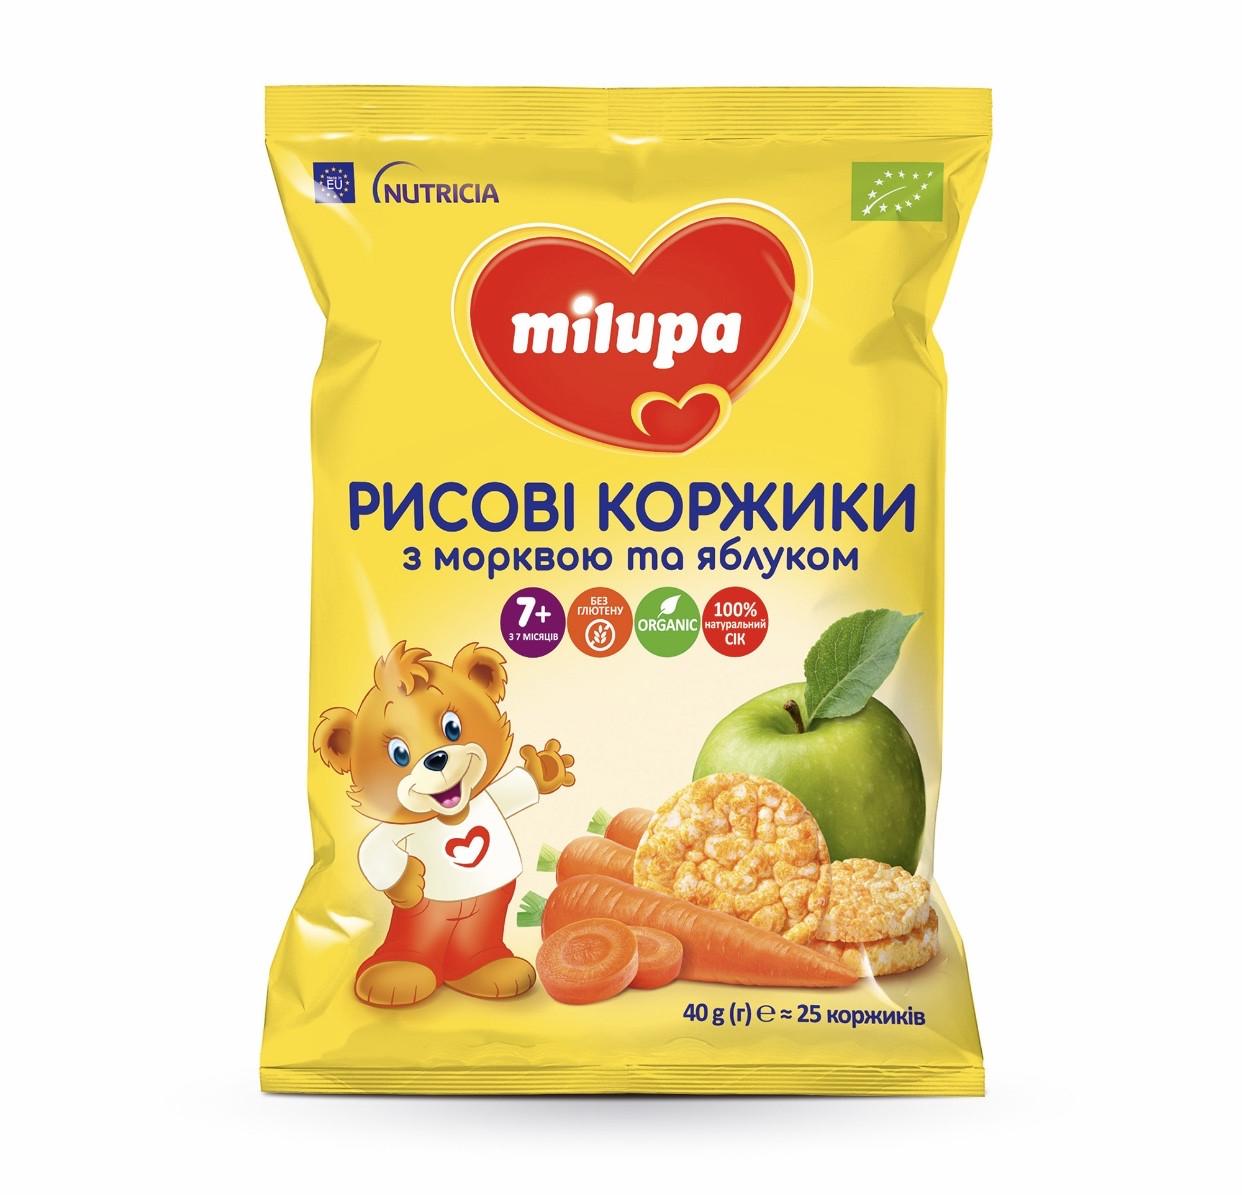 Рисові коржики Milupa з морквою та яблуком для харчування дітей від 7-ми місяців 40г